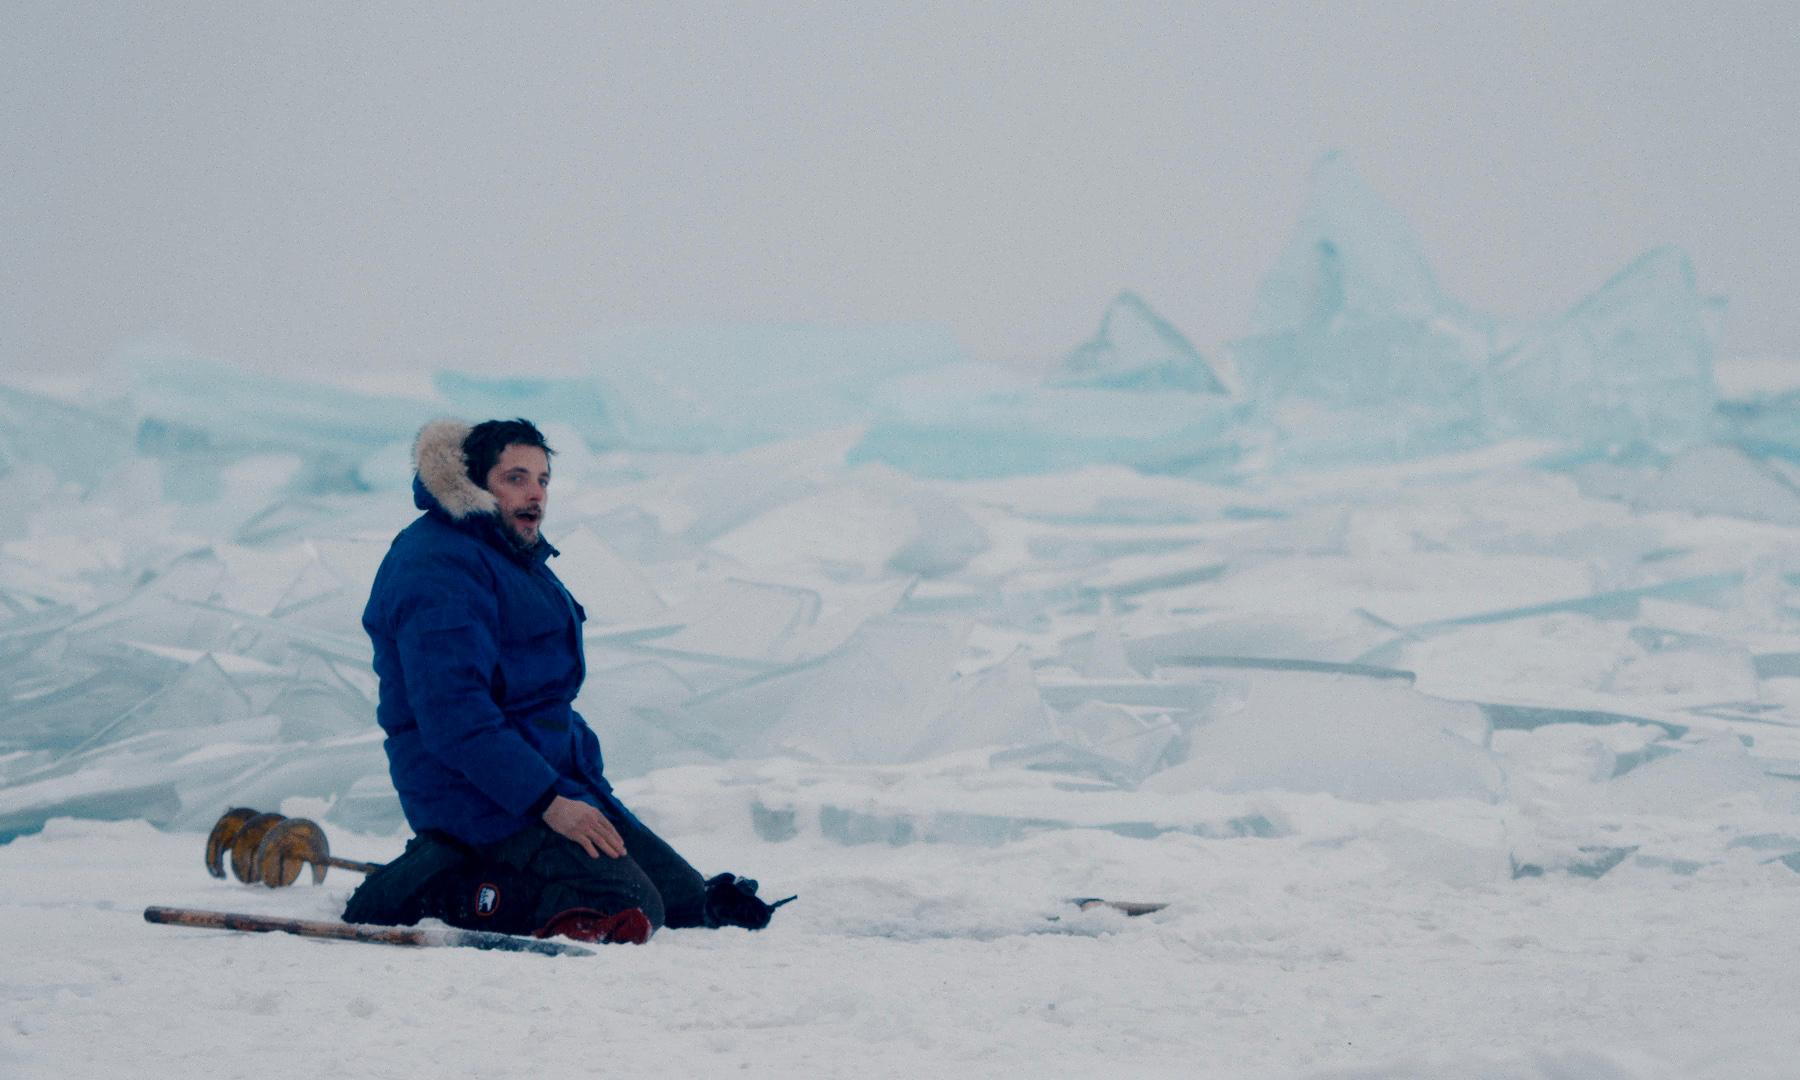 Faire des trous dans la glace à la vrille est une épreuve